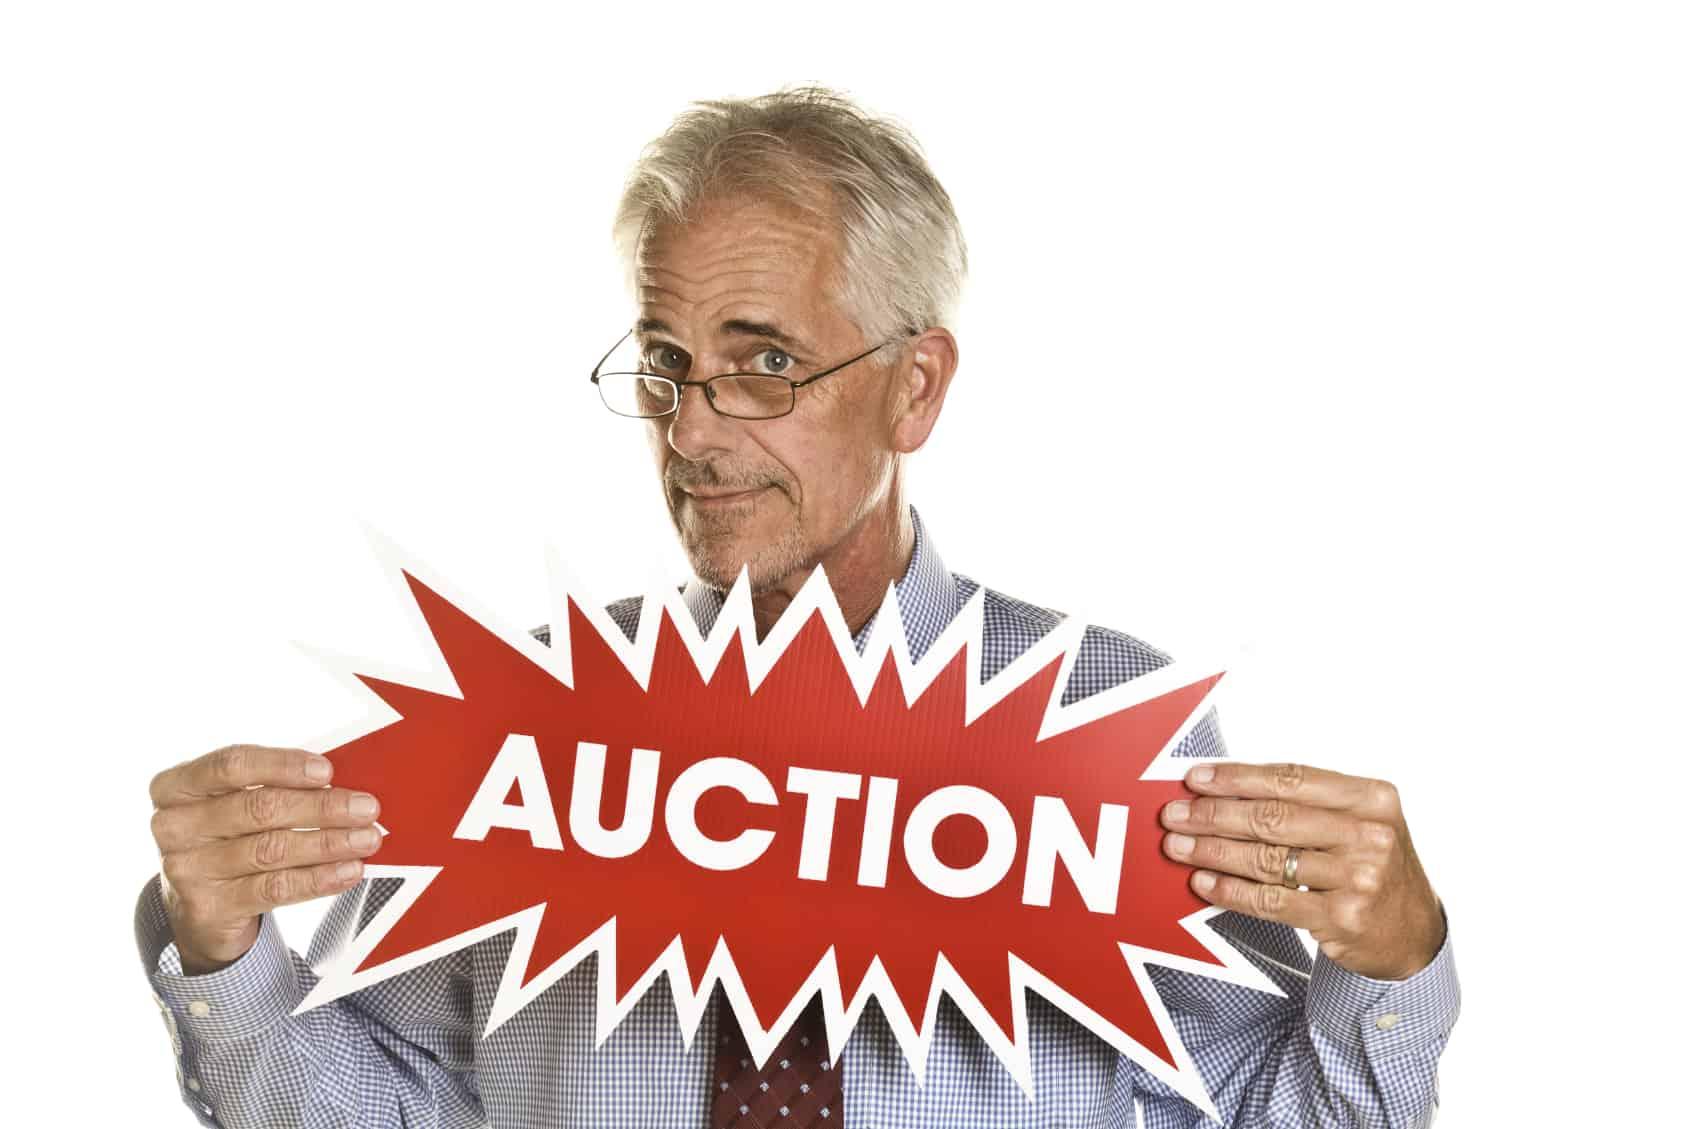 $7000 Goal For 2017 Festival Silent Auction